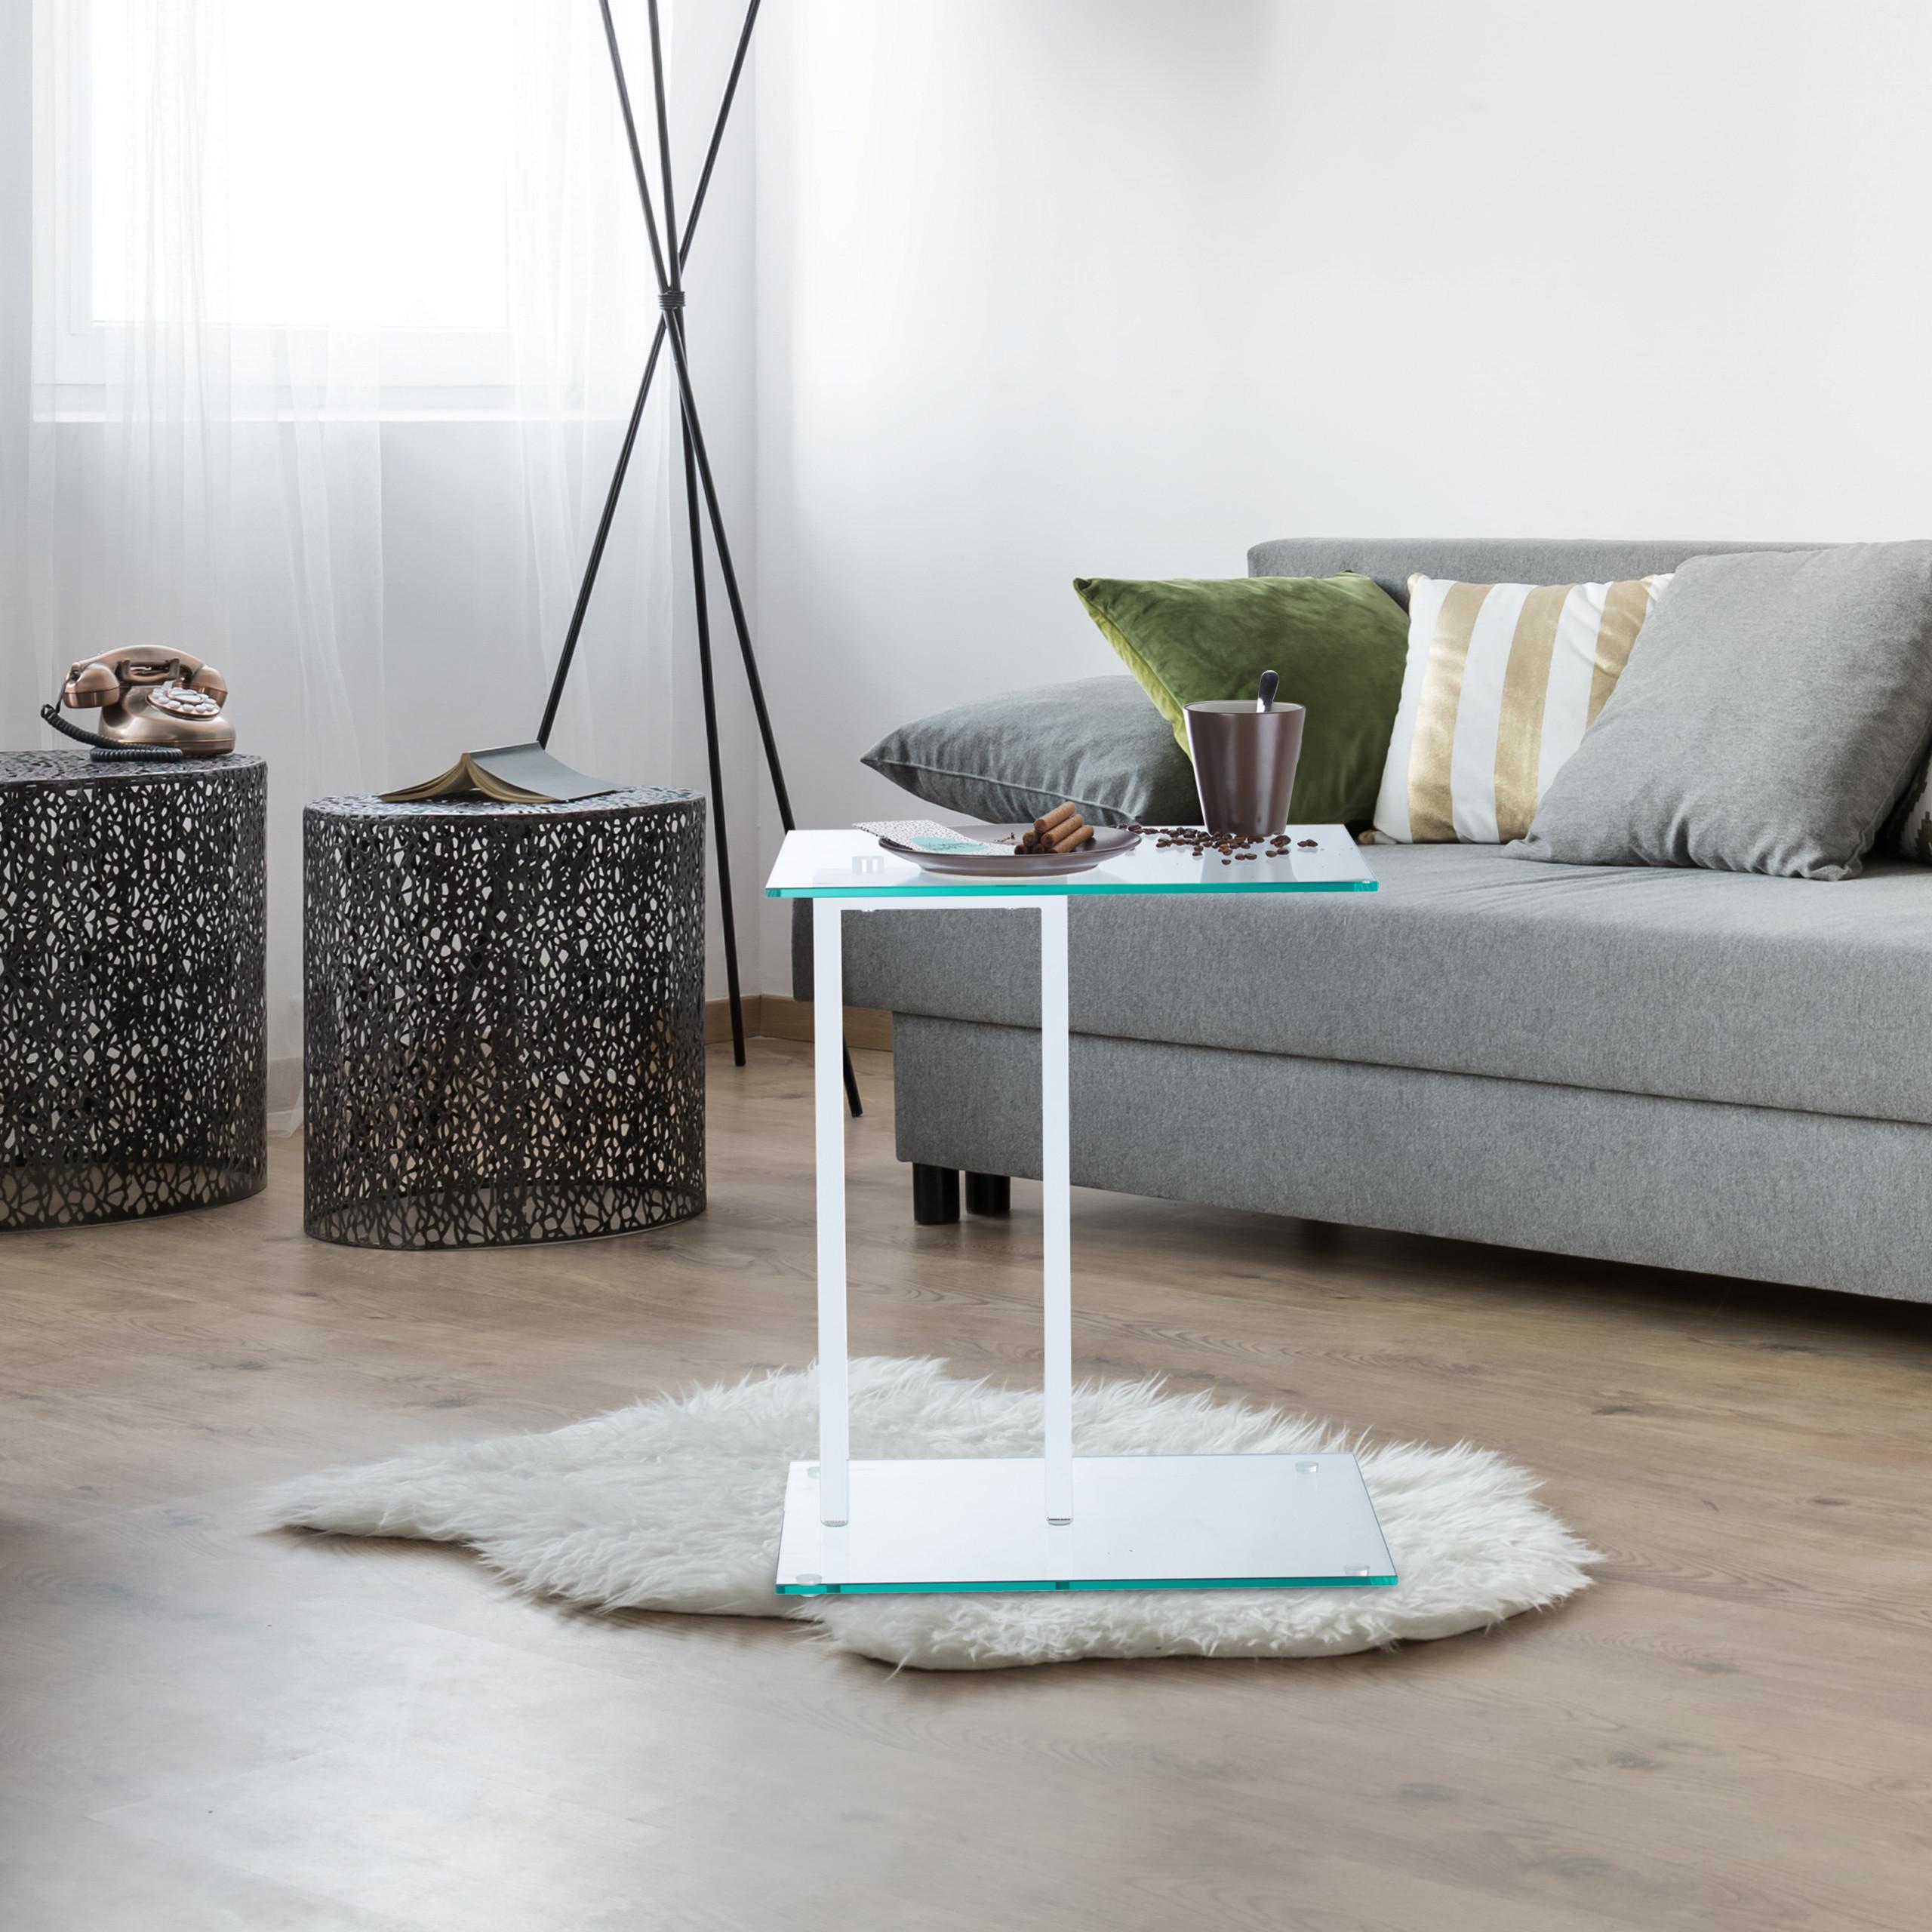 Dettagli su Tavolino Vetro Tavolinetto da Soggiorno Acciaio Ripiano  Comodino Bianco